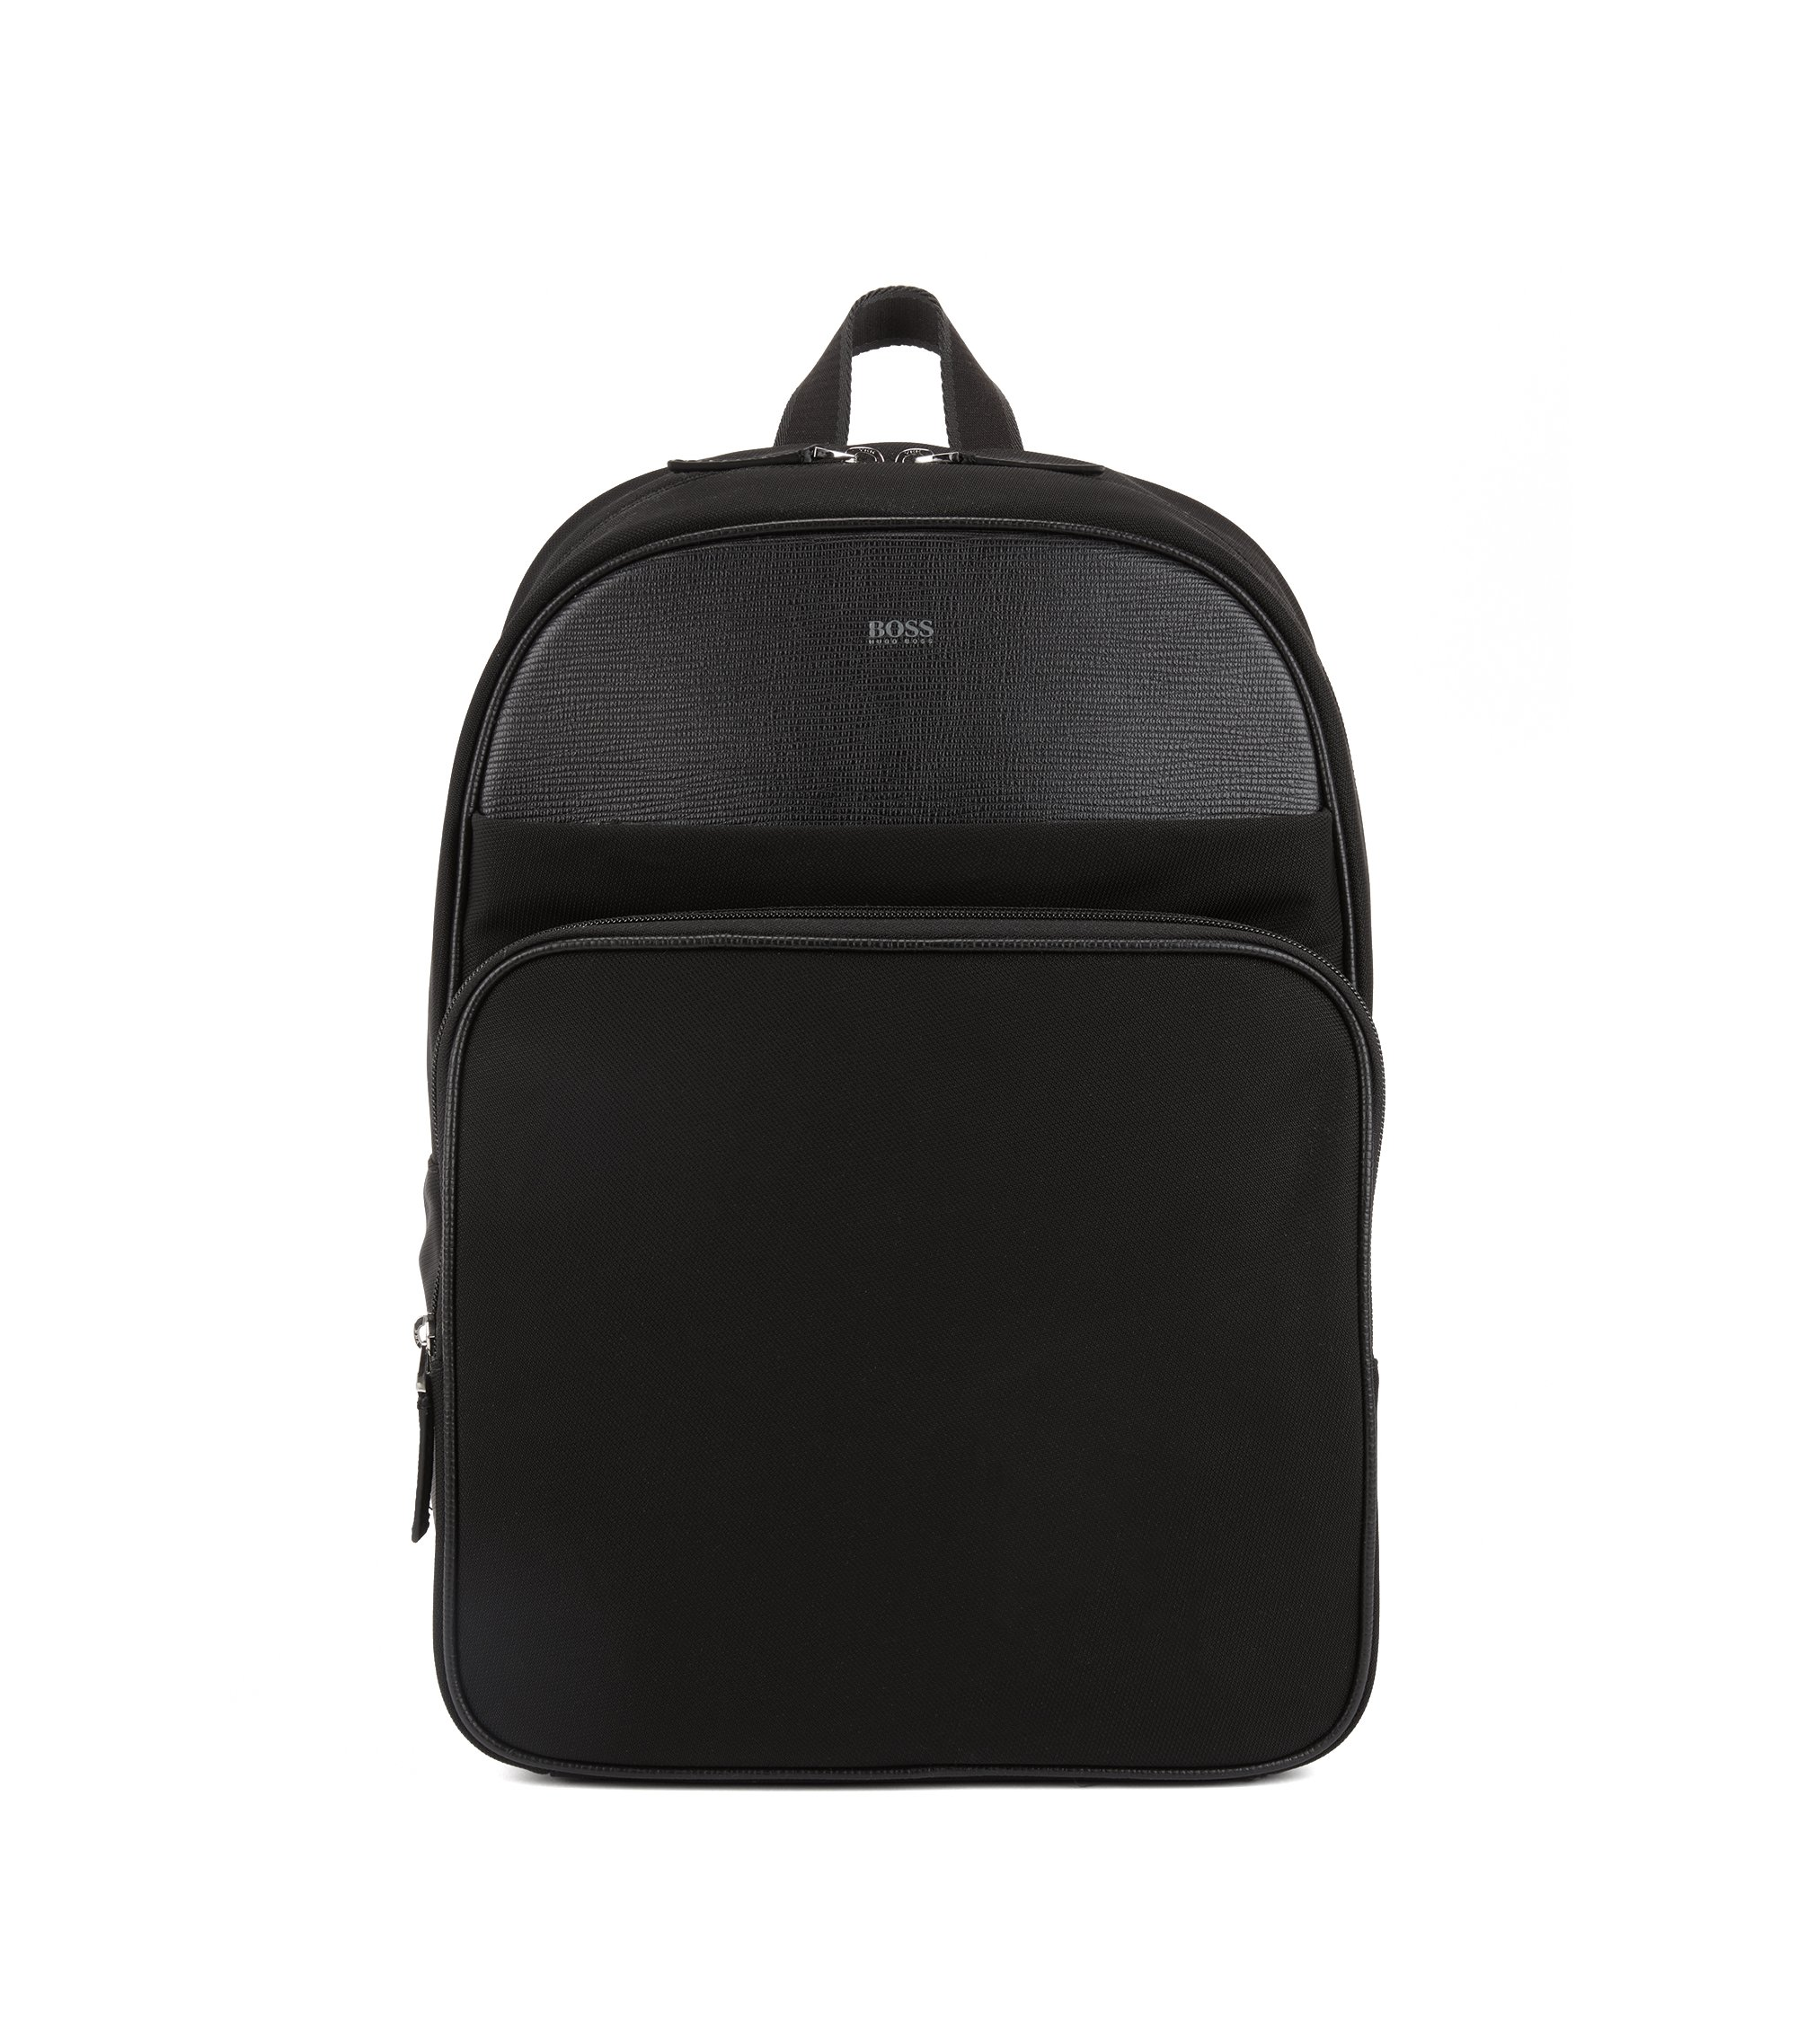 Rucksack aus strukturiertem Nylon mit Leder-Details, Schwarz